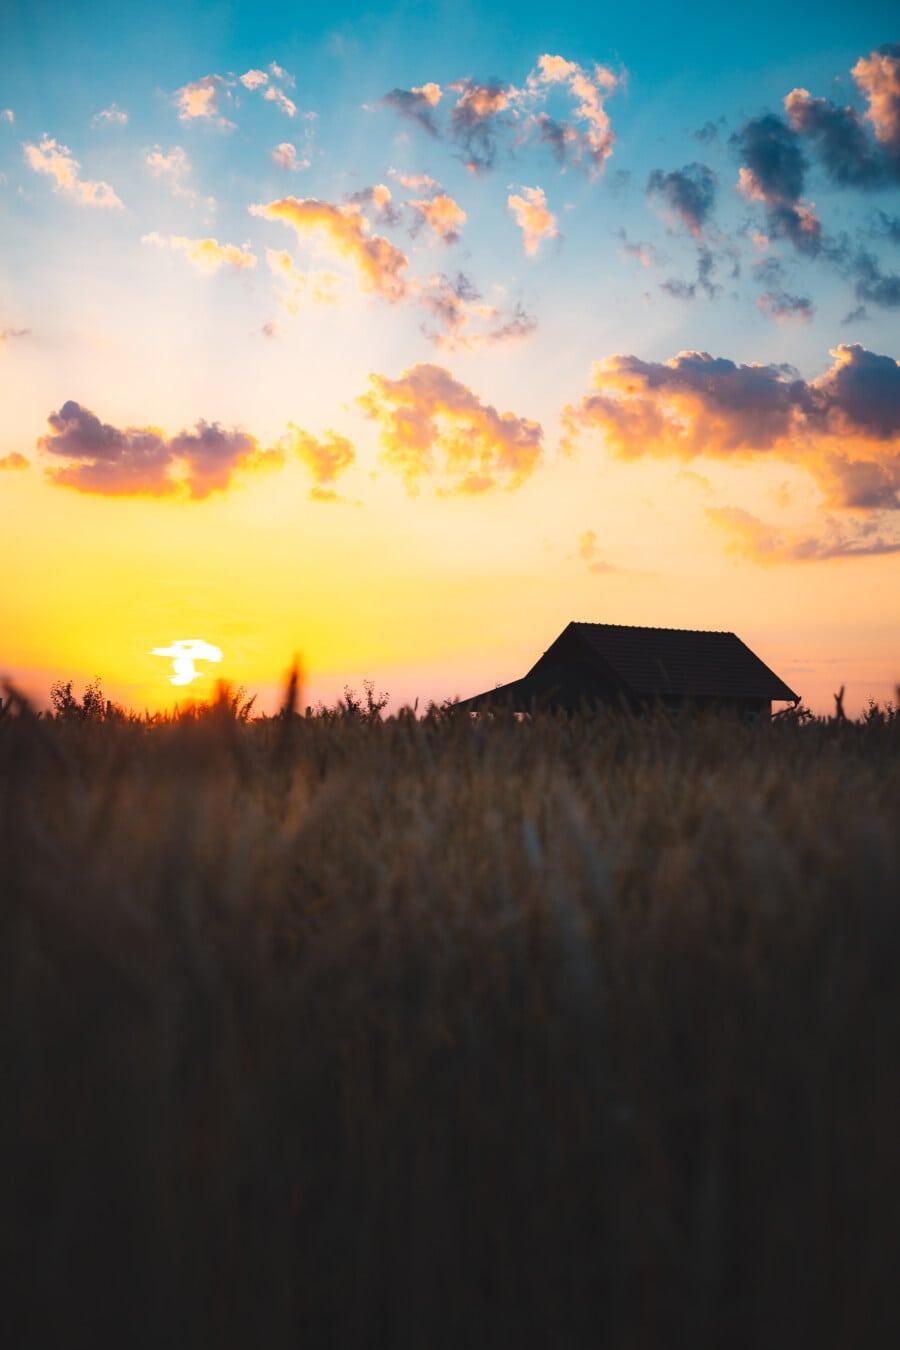 lahan pertanian, pertanian, rumah pertanian, matahari terbit, sinar matahari, Sinar matahari, TNI AU, gandum, matahari, pemandangan